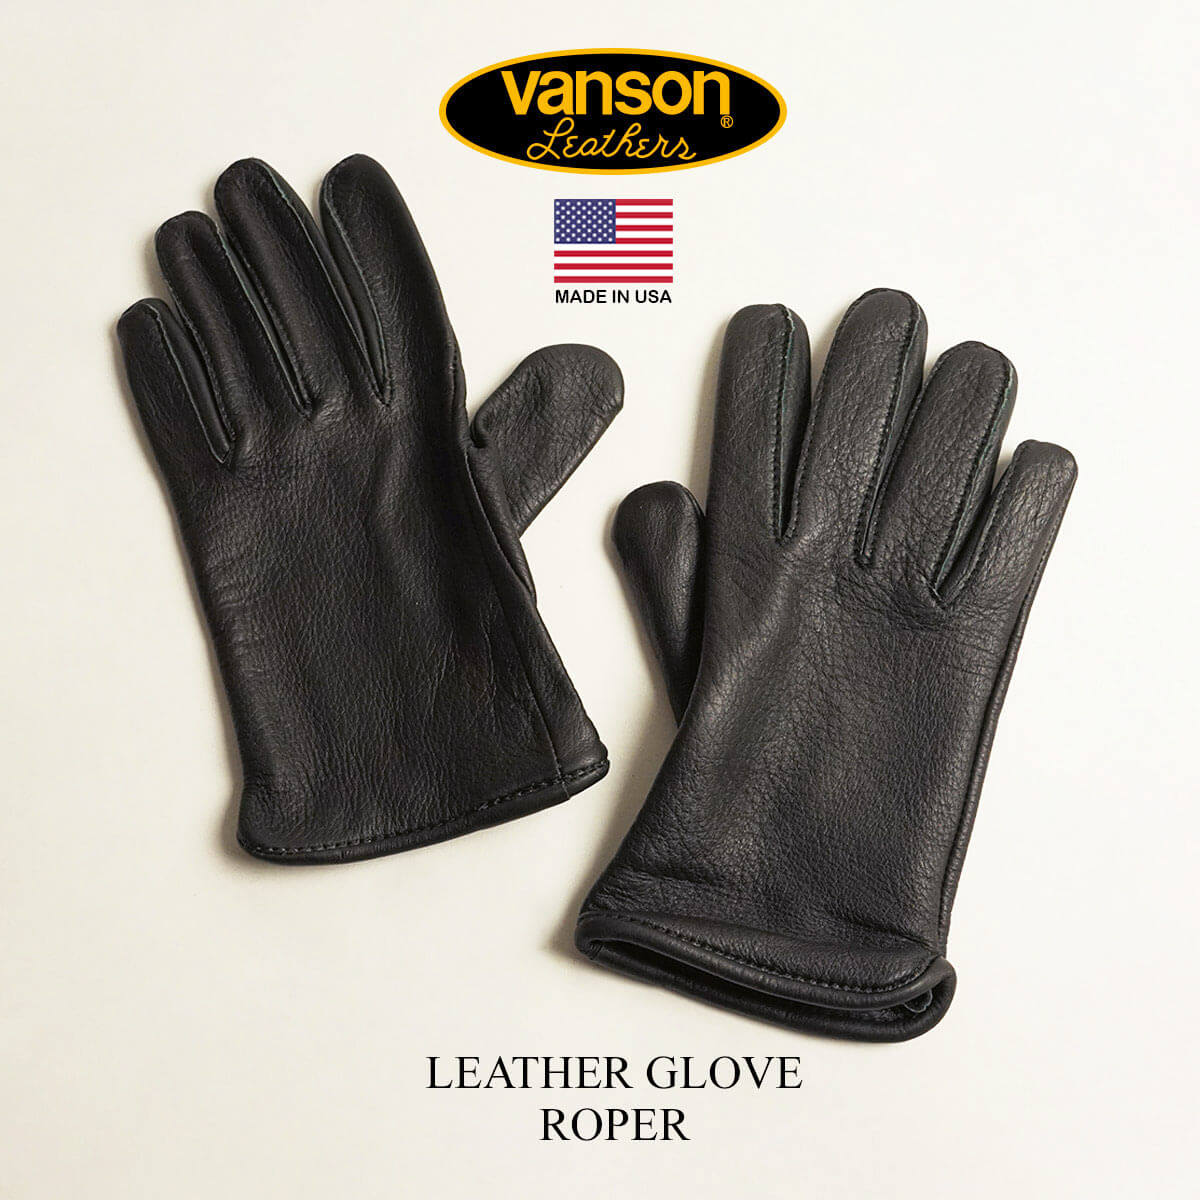 送料無料 メンズ バンソン VANSON レザーグローブ ローパー 受賞店 手袋 保障 USA MADE ブラック Roper IN